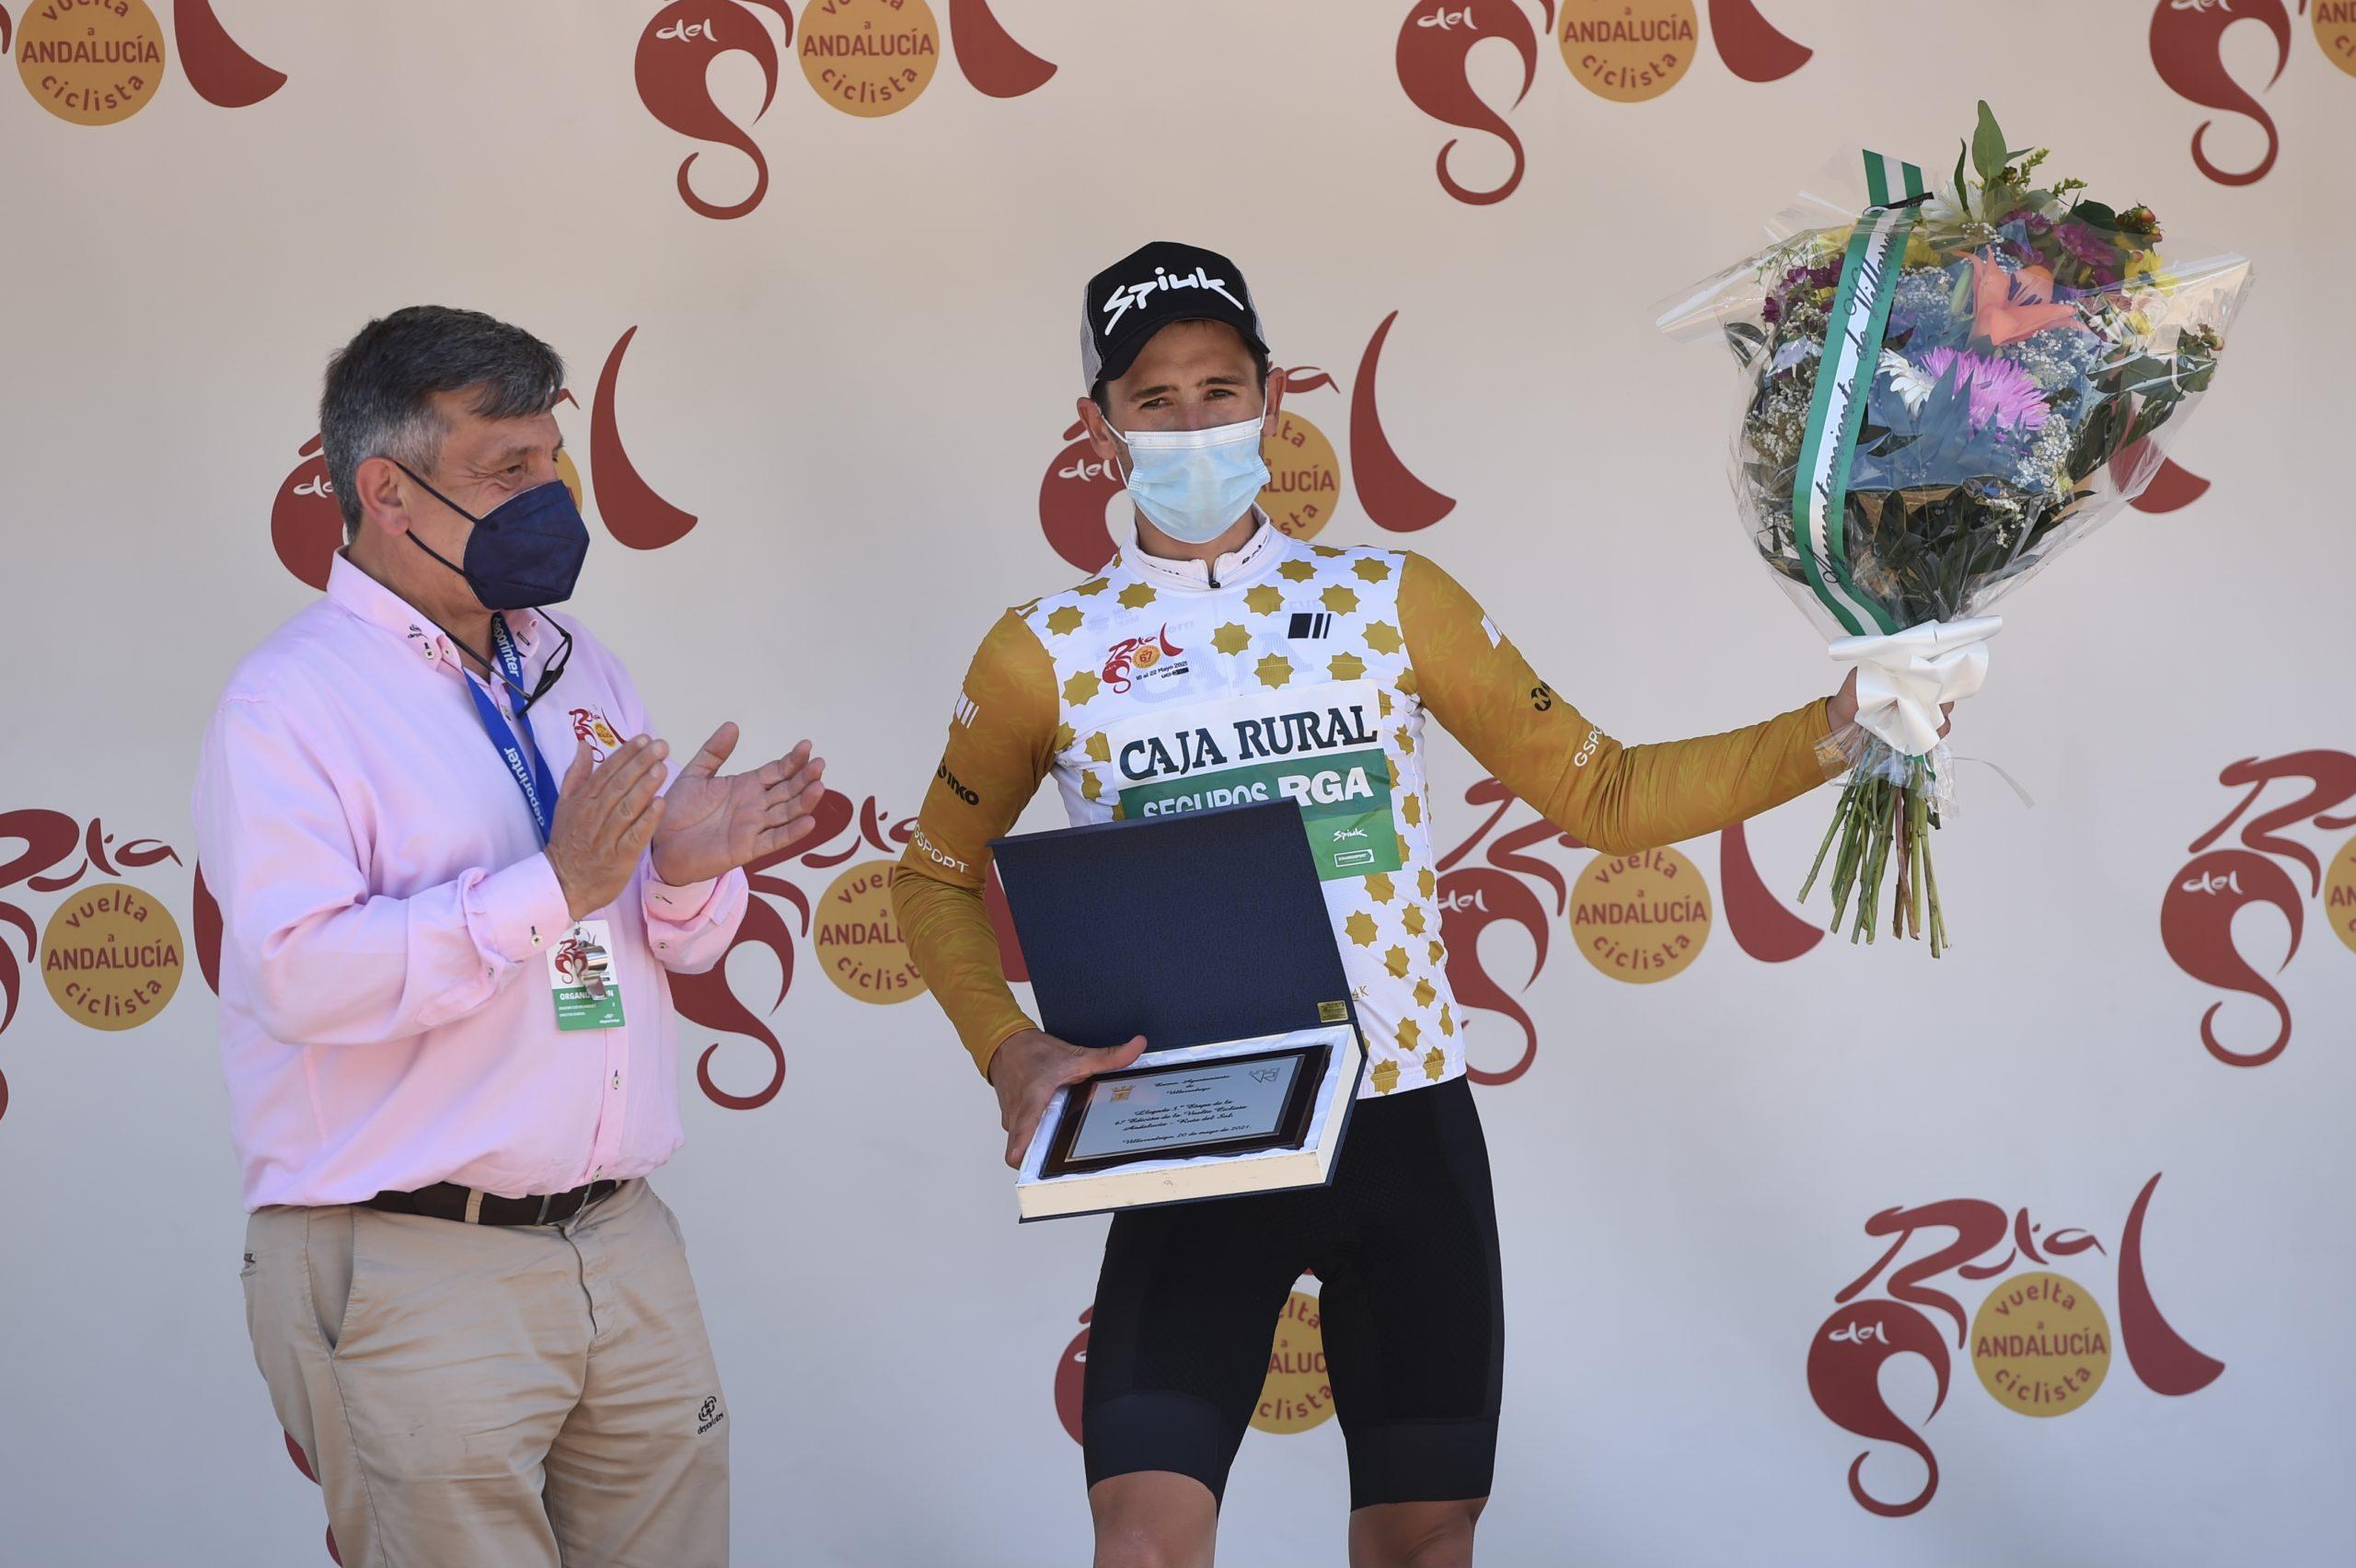 Un brillante Julen Amézqueta asalta el podio de Vuelta a Andalucía